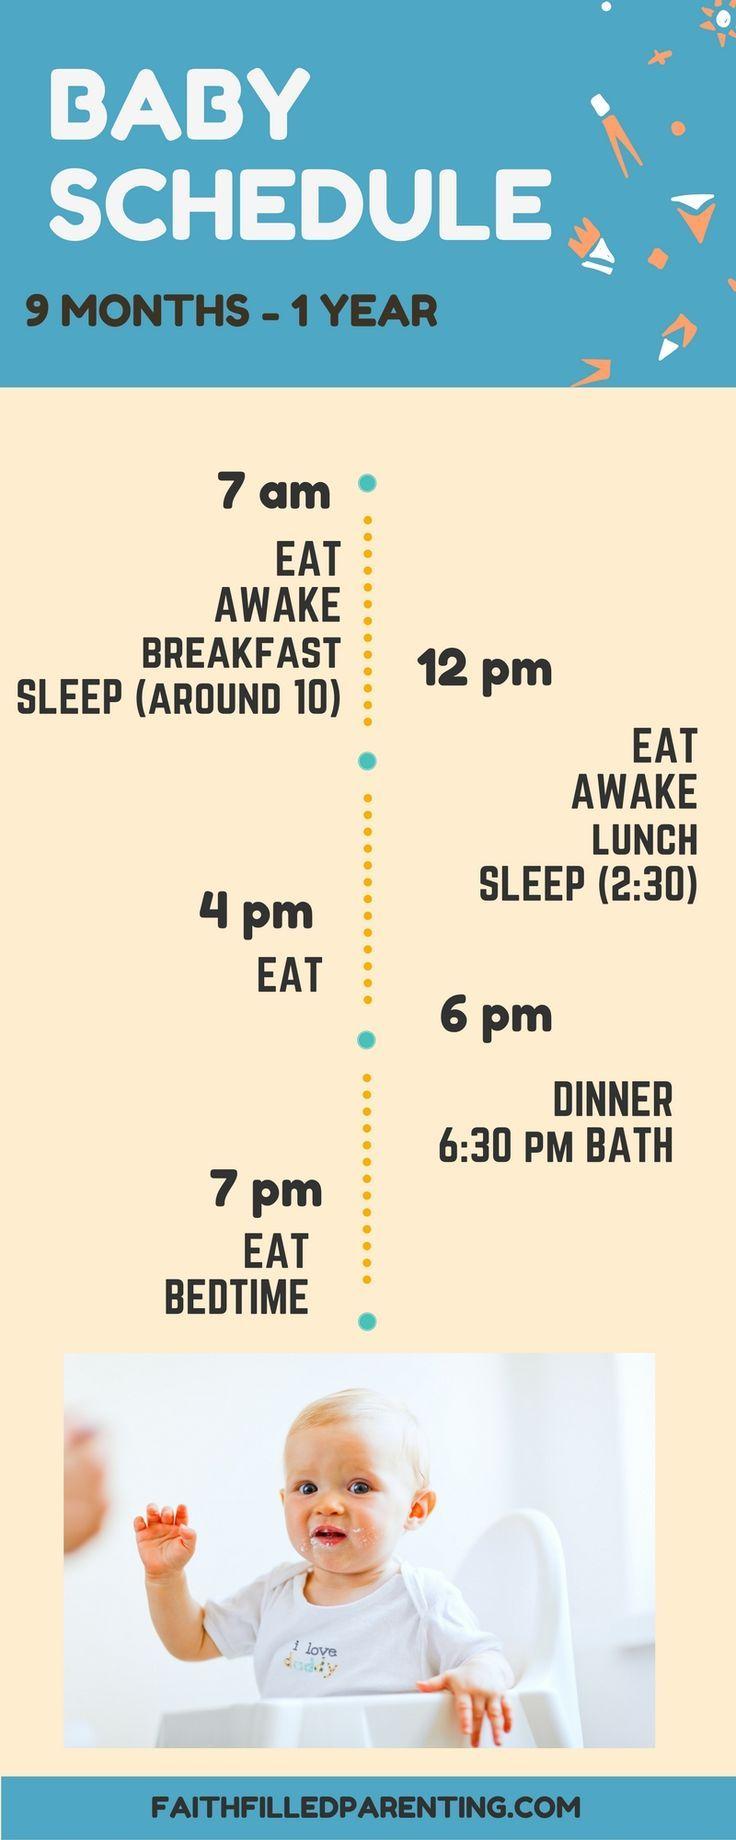 Baby sleep schedule 9 months - 1 year http://faithfilledparenting.com/4-baby-sleep-schedules-that-work/